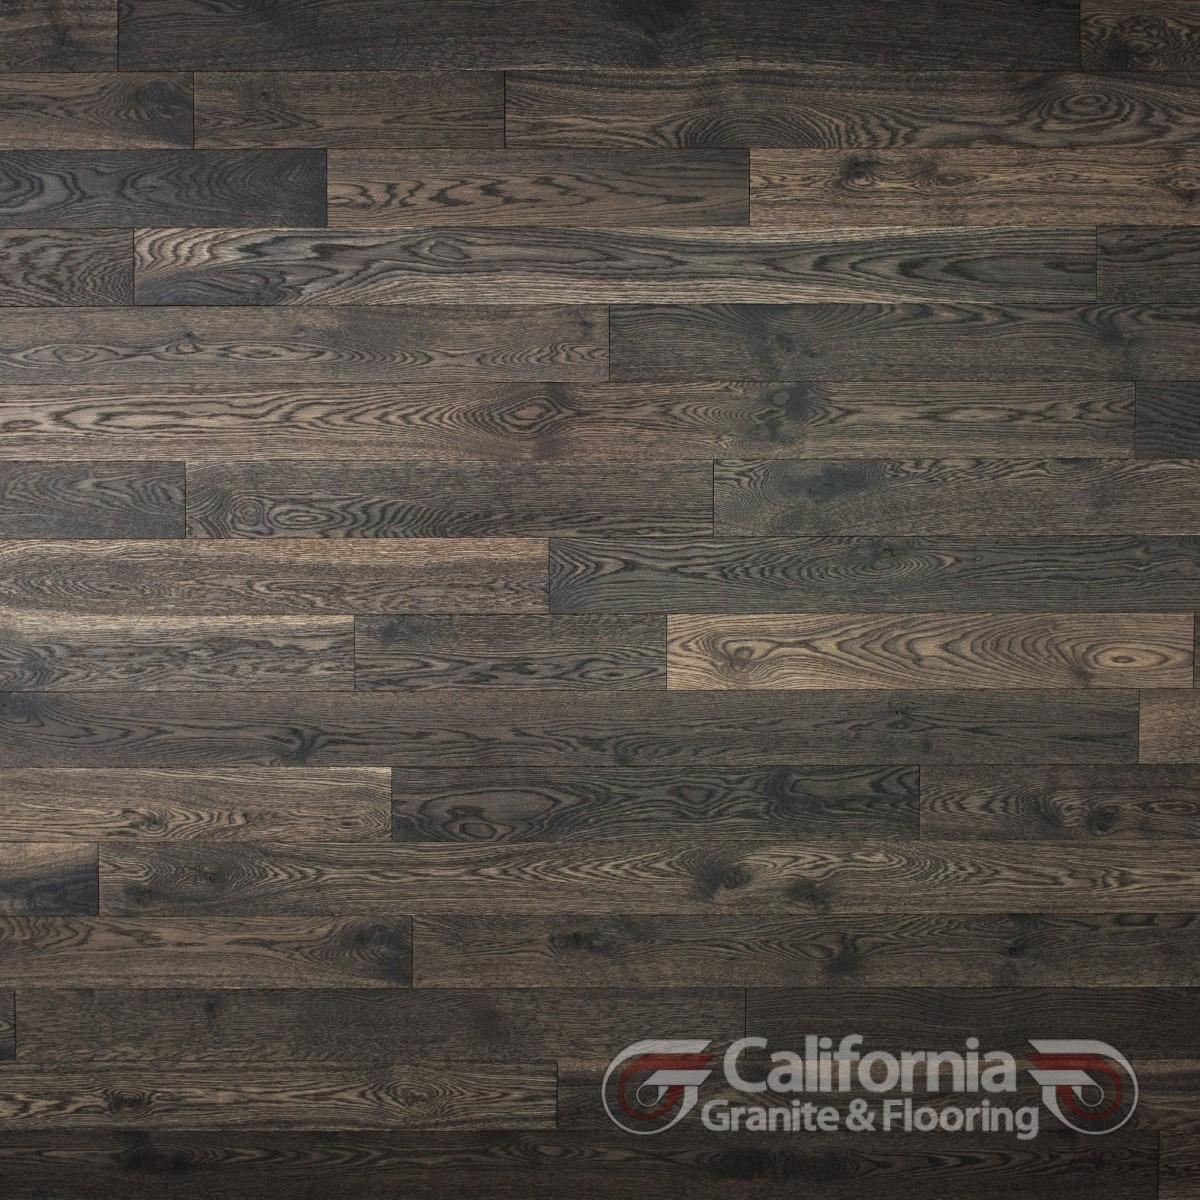 hardwood-flooring-white-oak-lunar-eclipse-character-brushed-herringbone-2